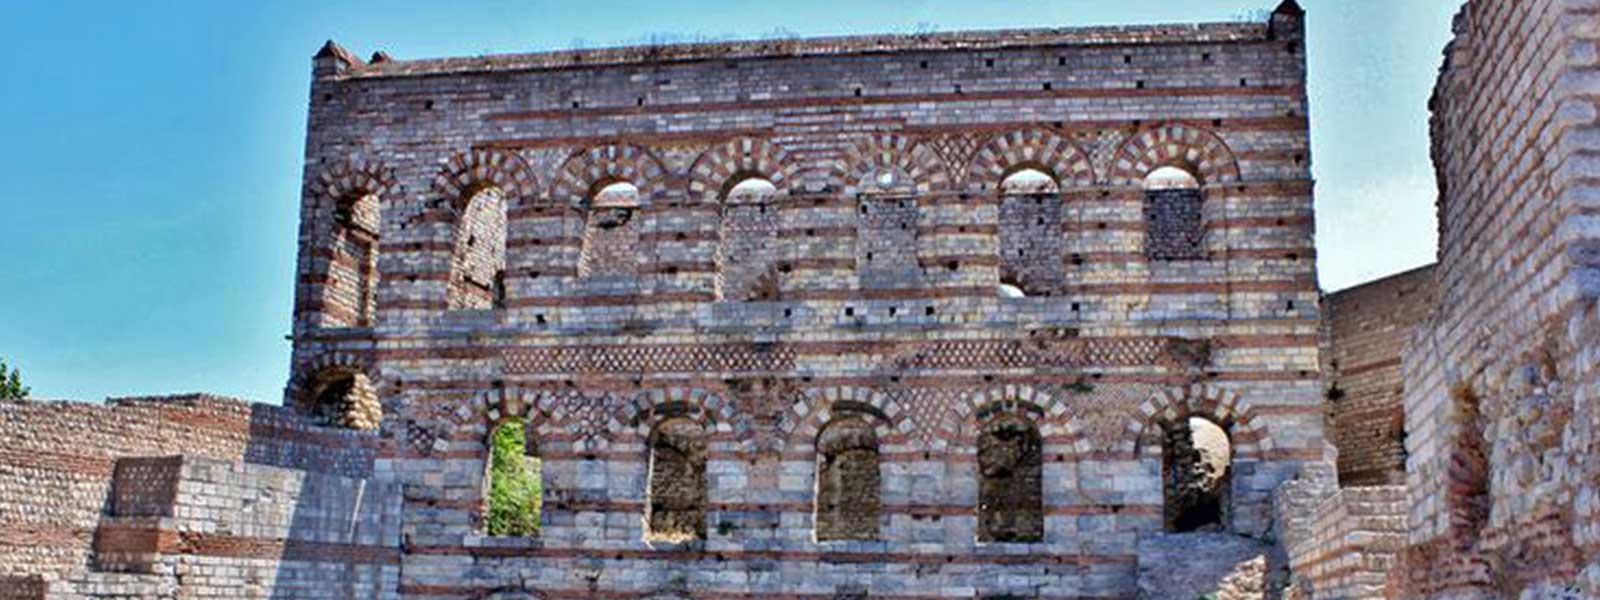 Tekfur Sarayi (Palace of the Porphyrogenitus)